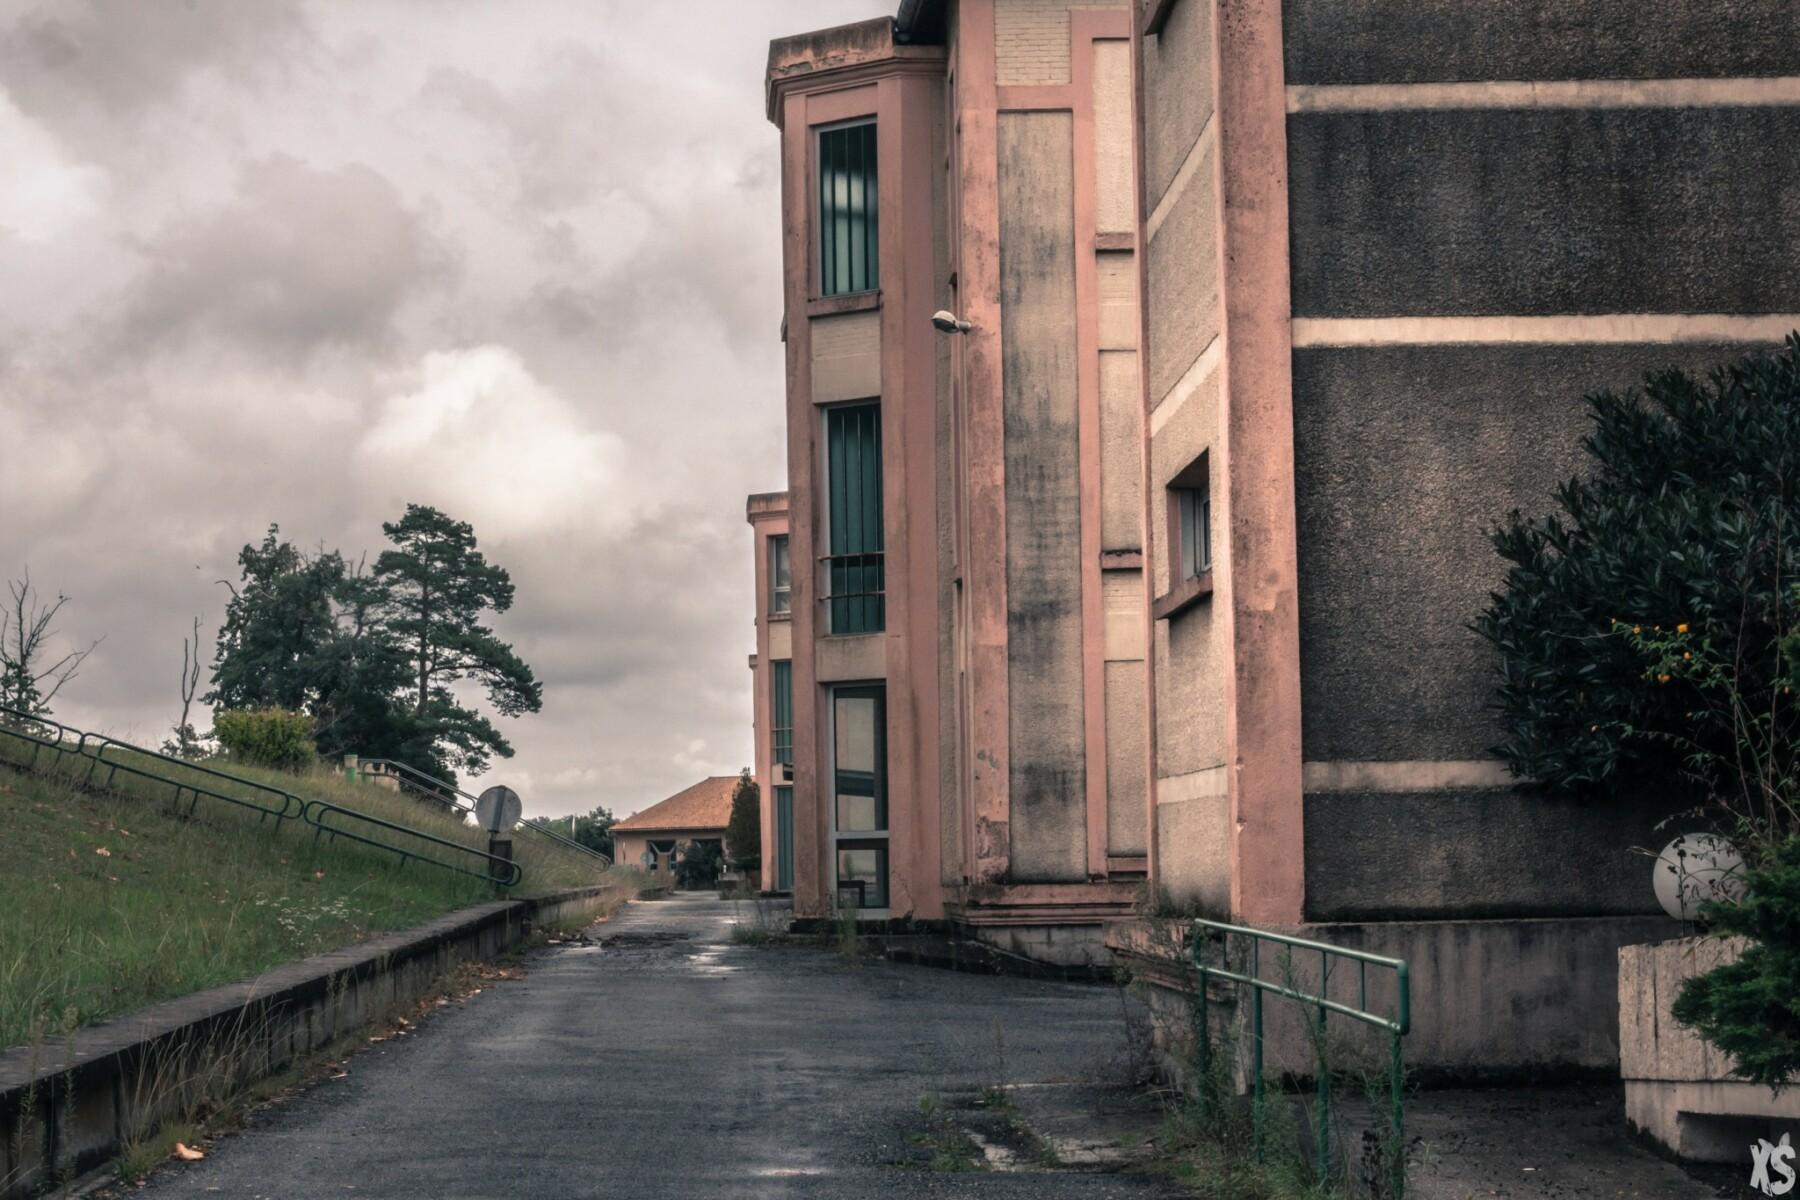 sanatorium-eugene-aram-59